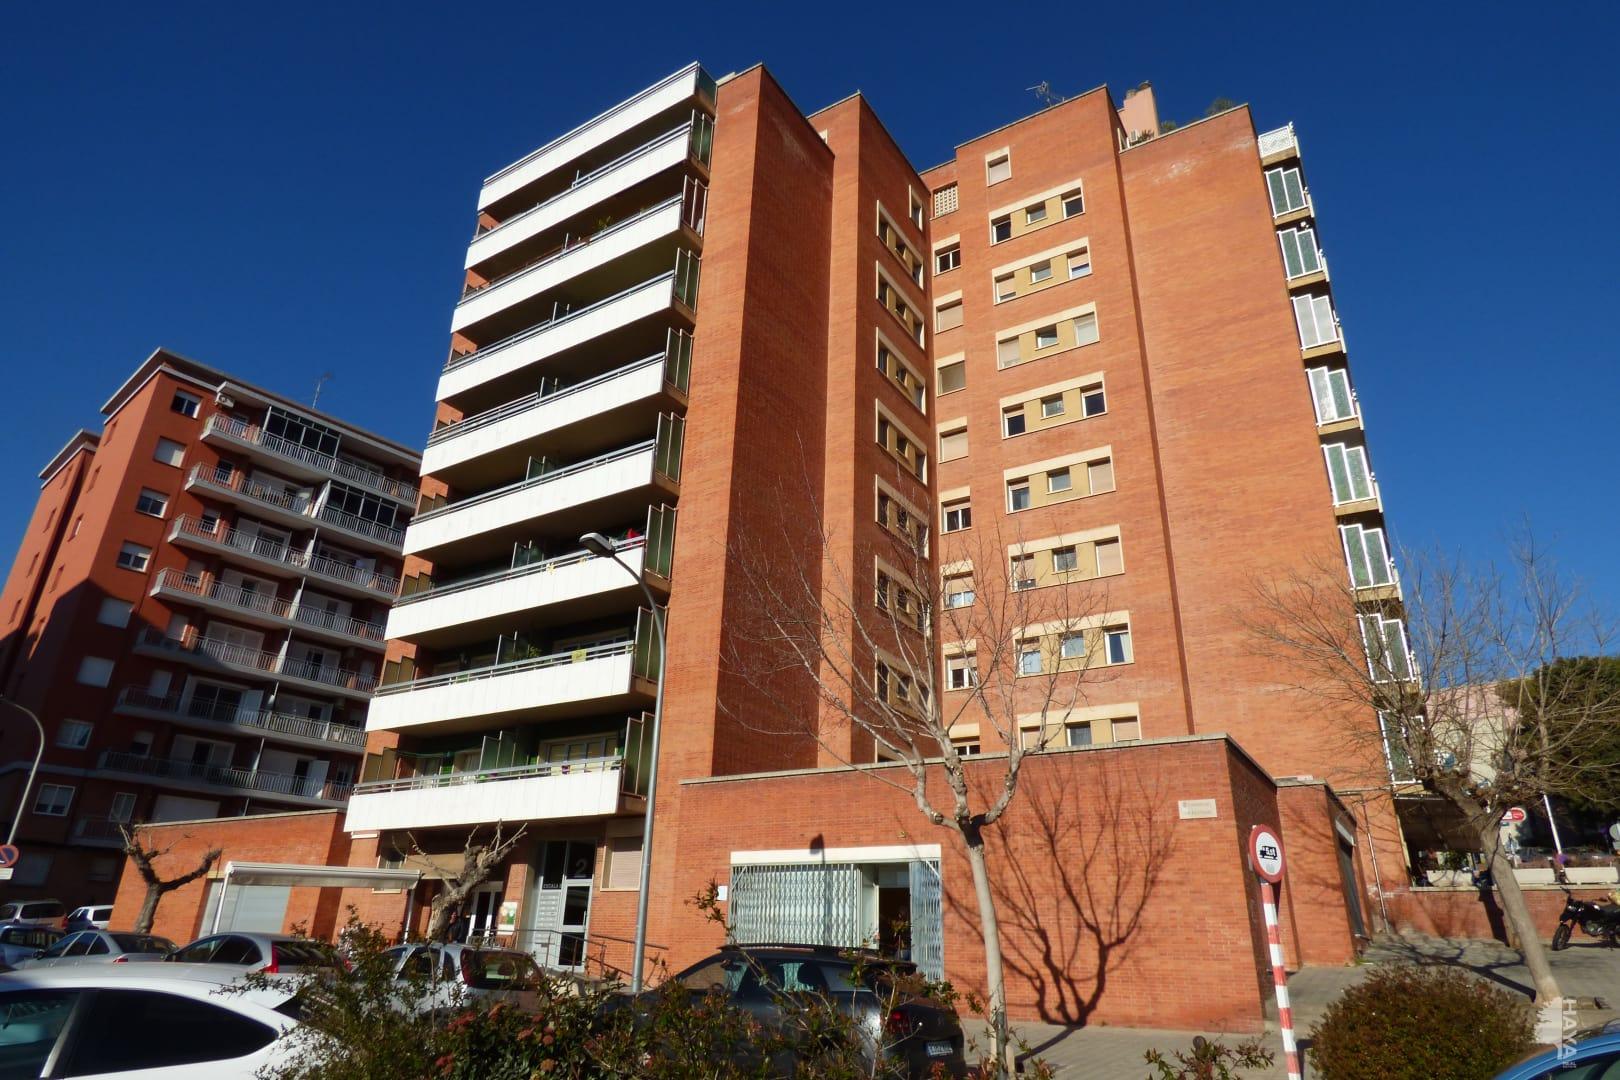 Piso en venta en Figueres, Girona, Calle Doctor Pasteur, 202.000 €, 4 habitaciones, 1 baño, 112 m2